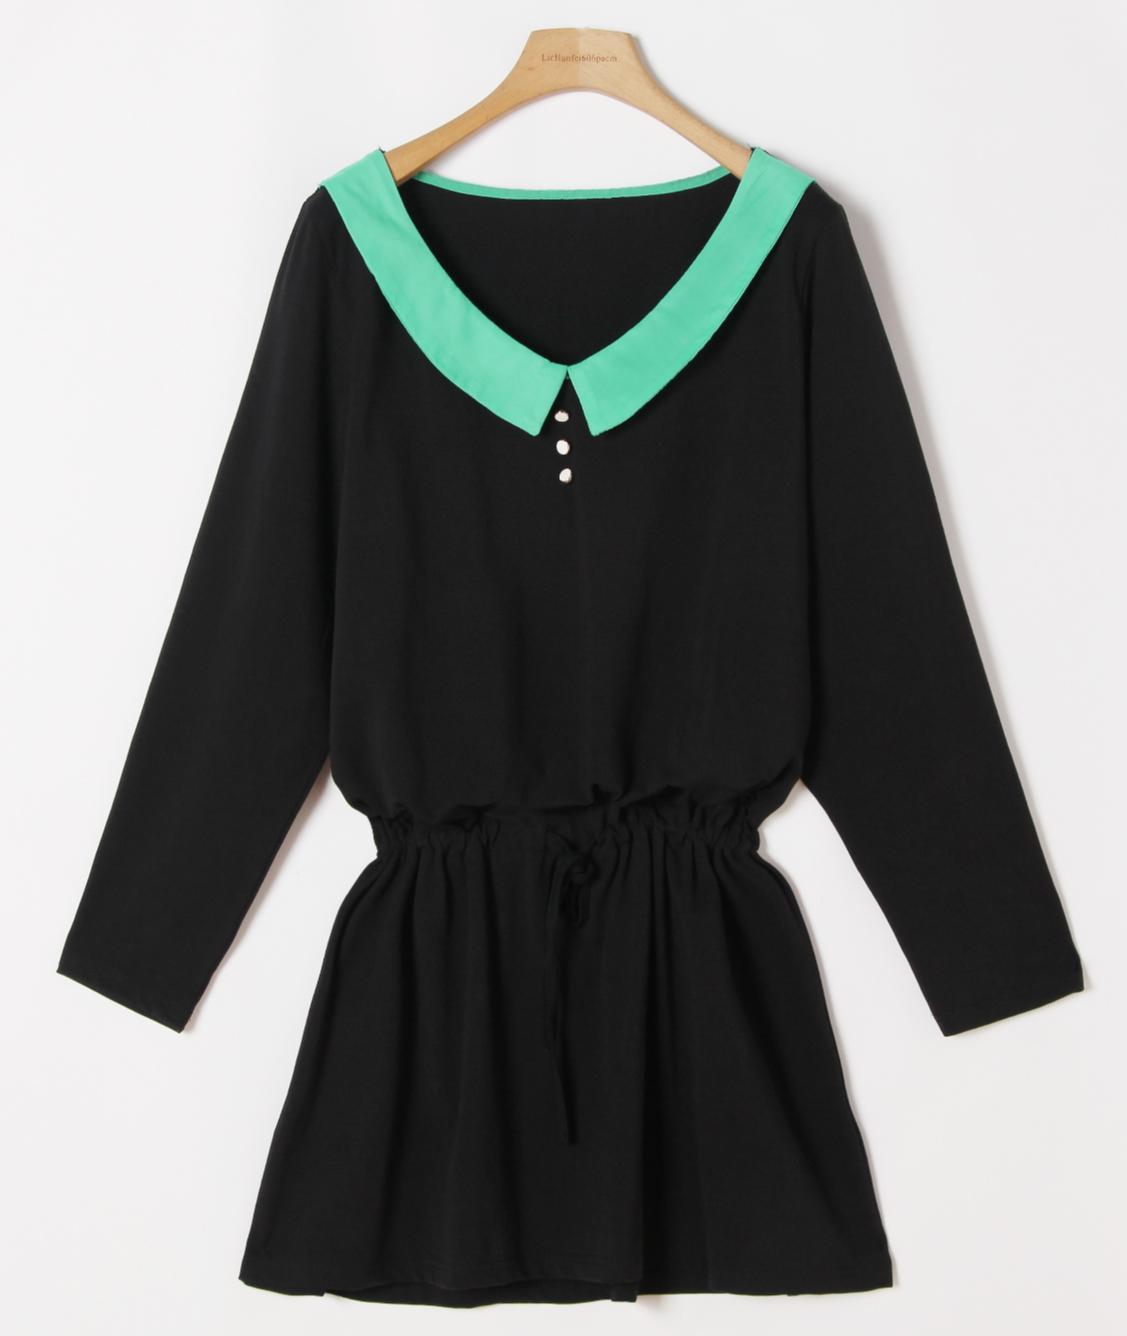 Весенний и осенний период вплоть до 2015 года Новый корейский темперамент Дамы платье женщин свободные тонкий похудения платья с длинным рукавом